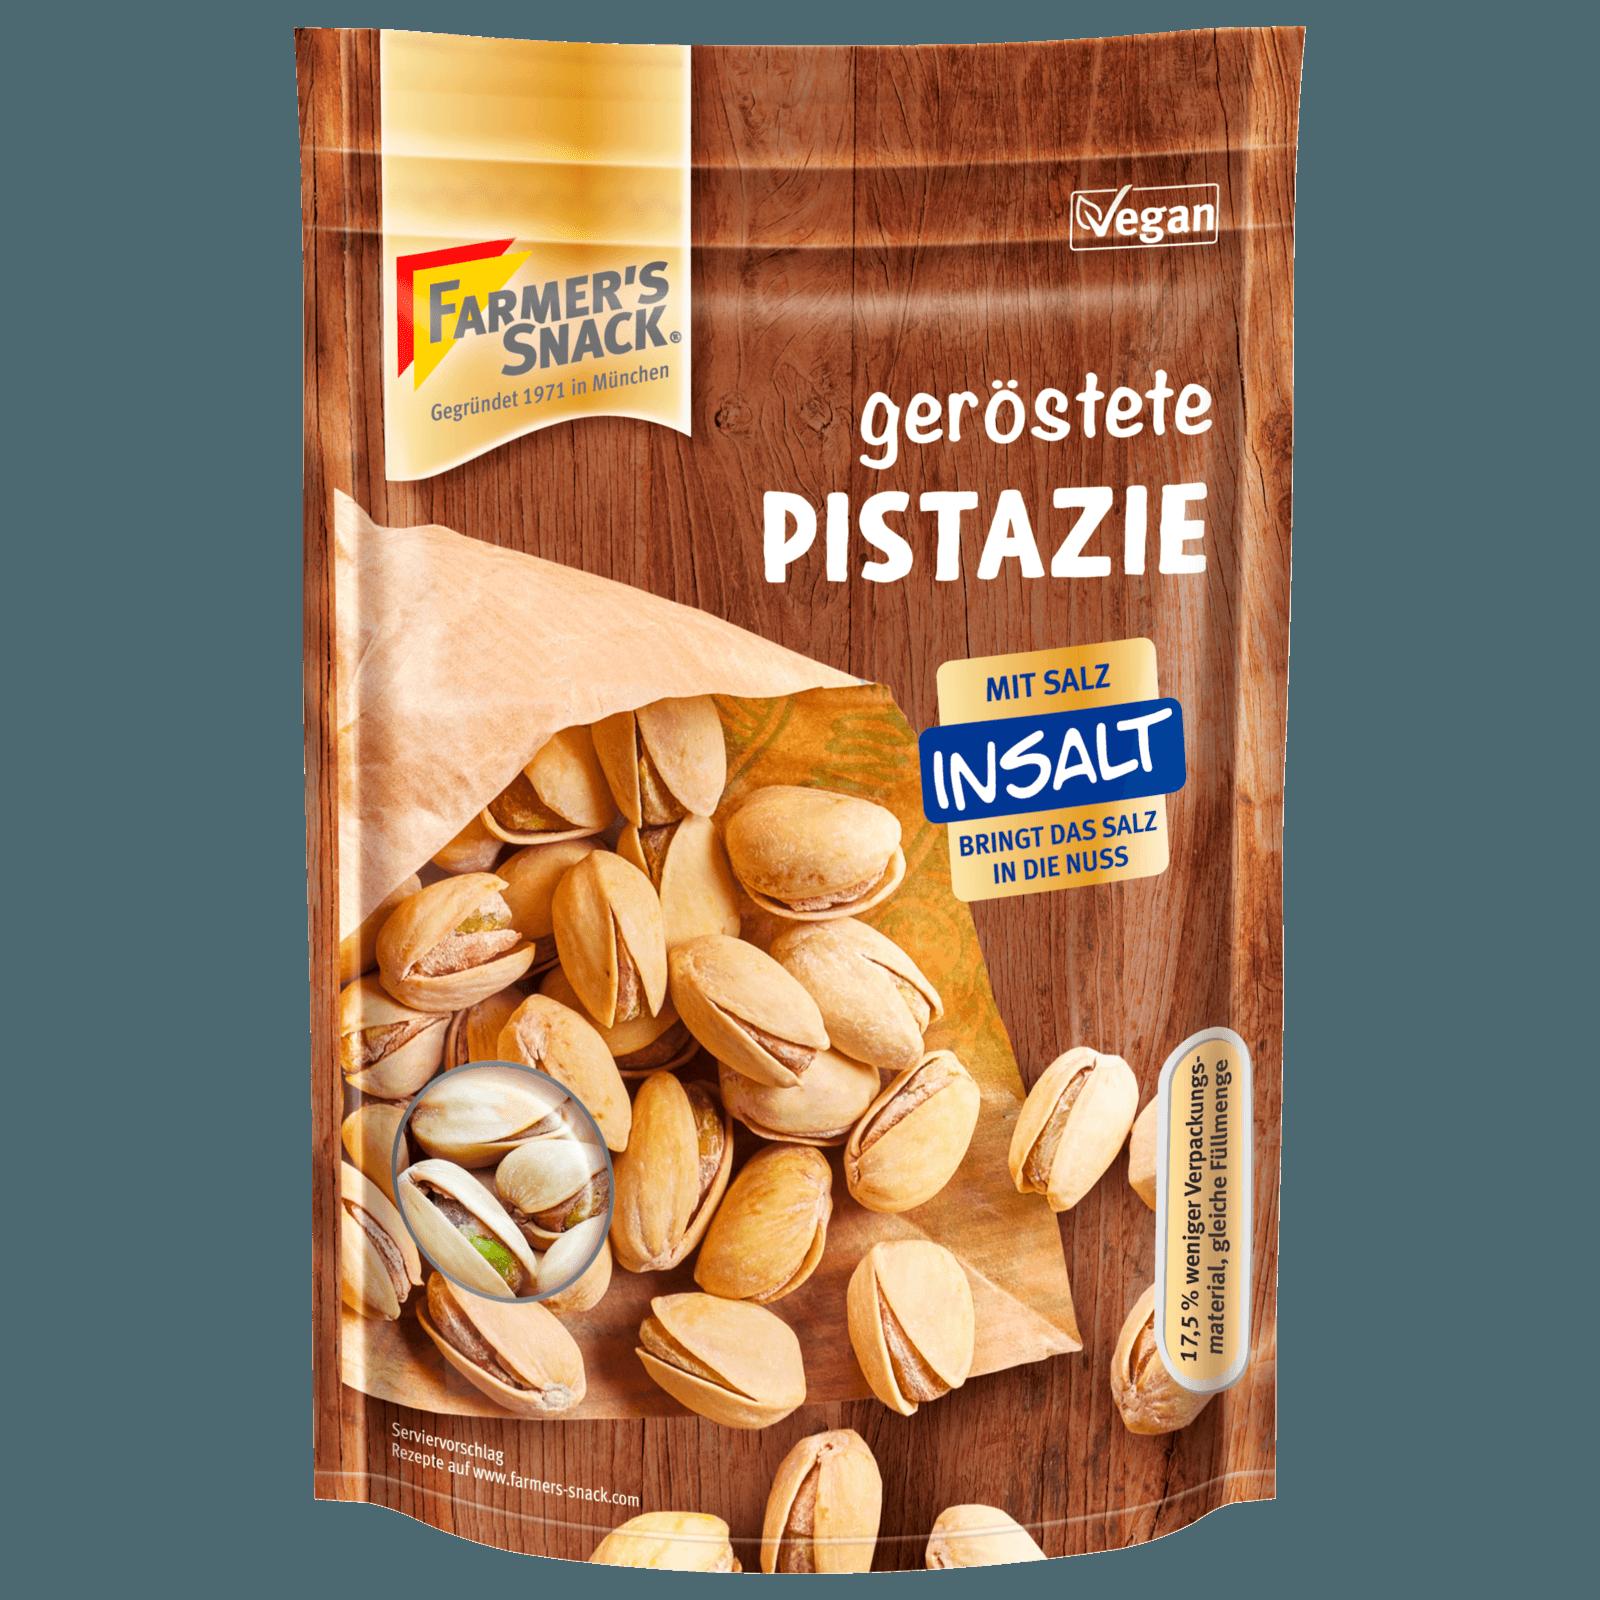 Farmer's Snack Geröstete Pistazien mit Meersalz 150g